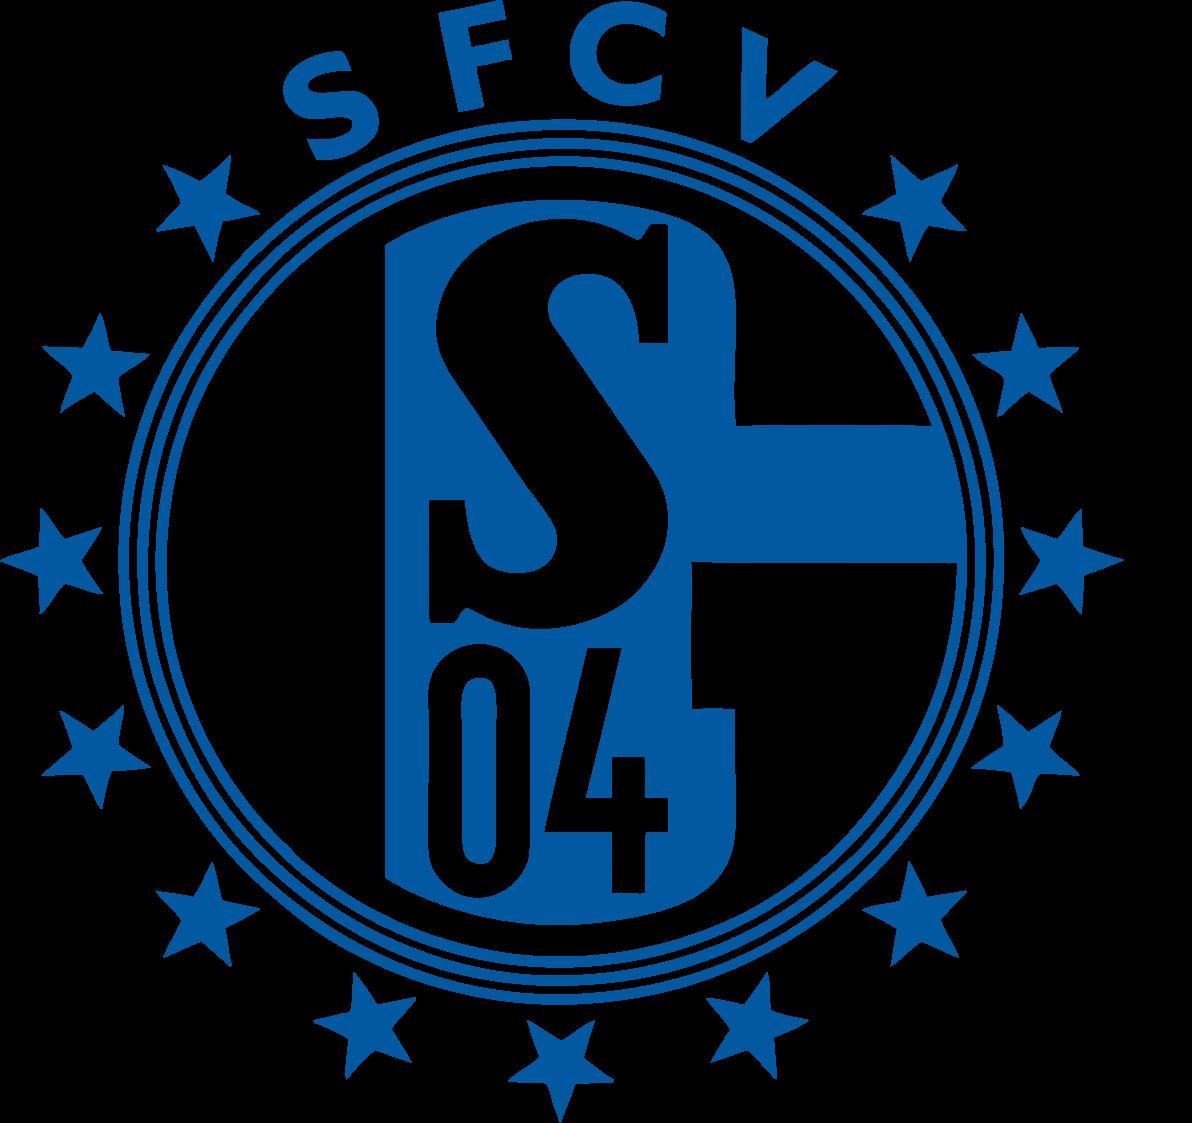 Sfcv Logo Ohne Schriftzug Blau Ohne Hintergrund Miss Turkuaz Europe